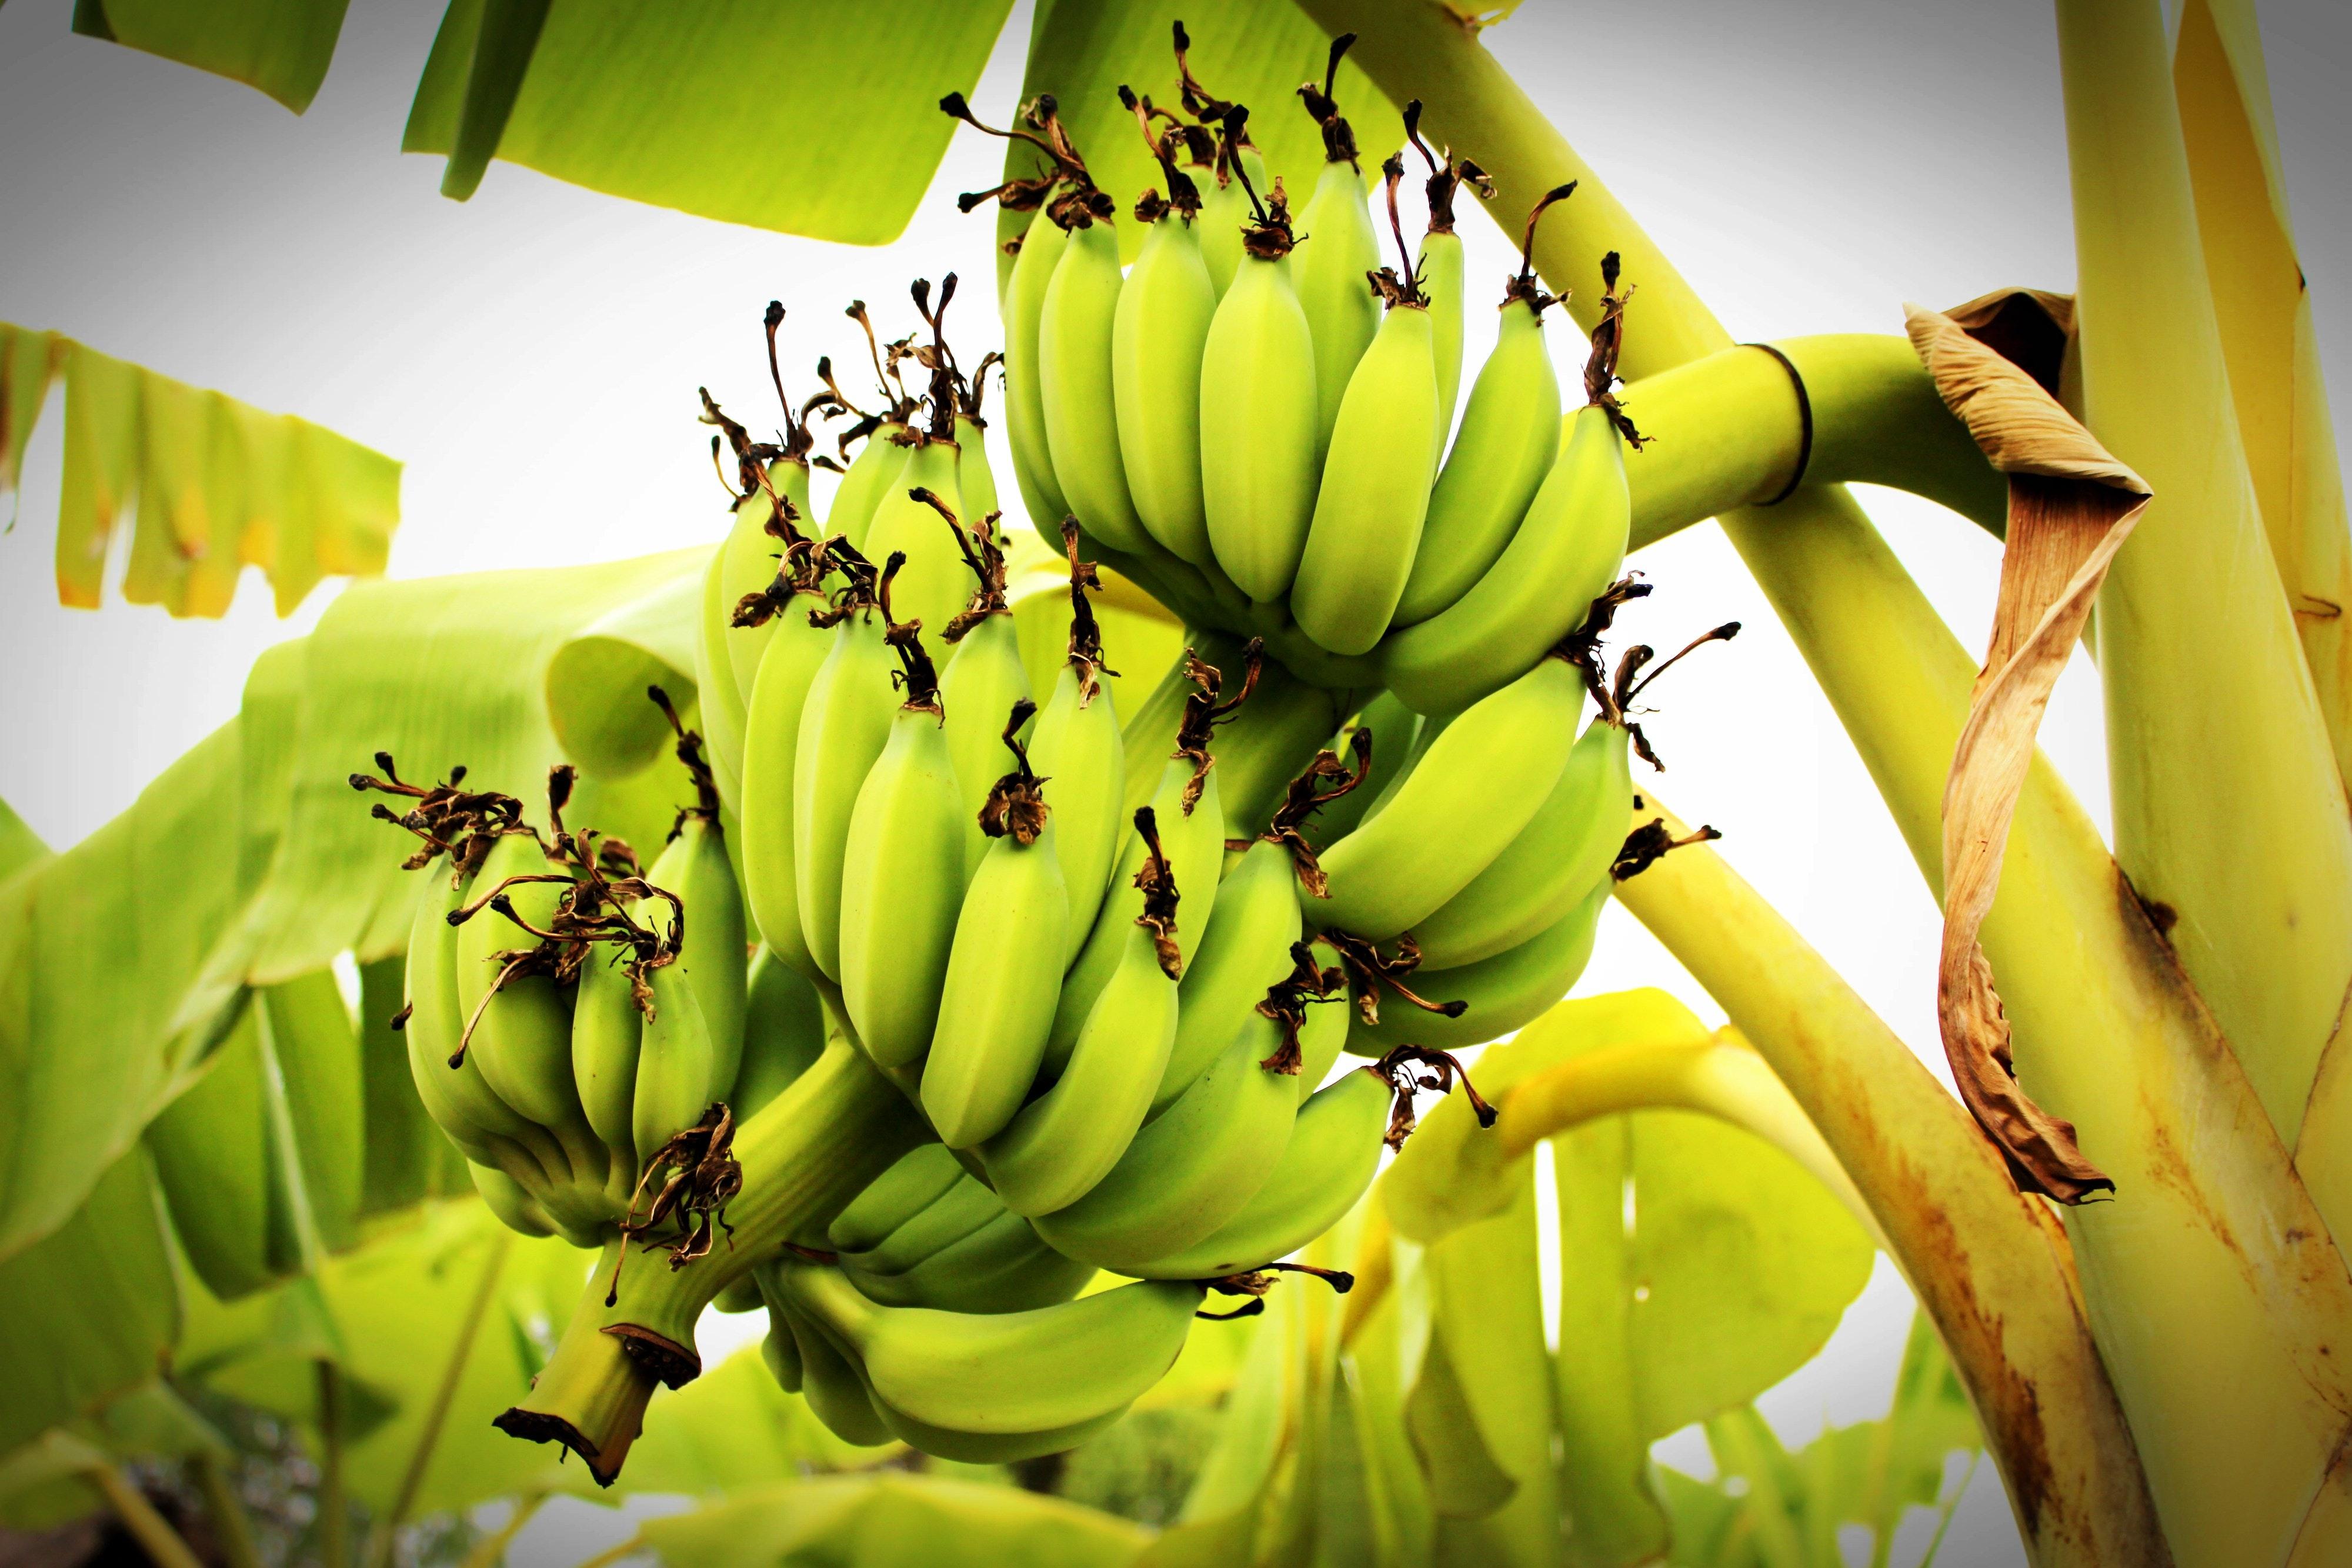 Green Banana Tree Free Stock Photo